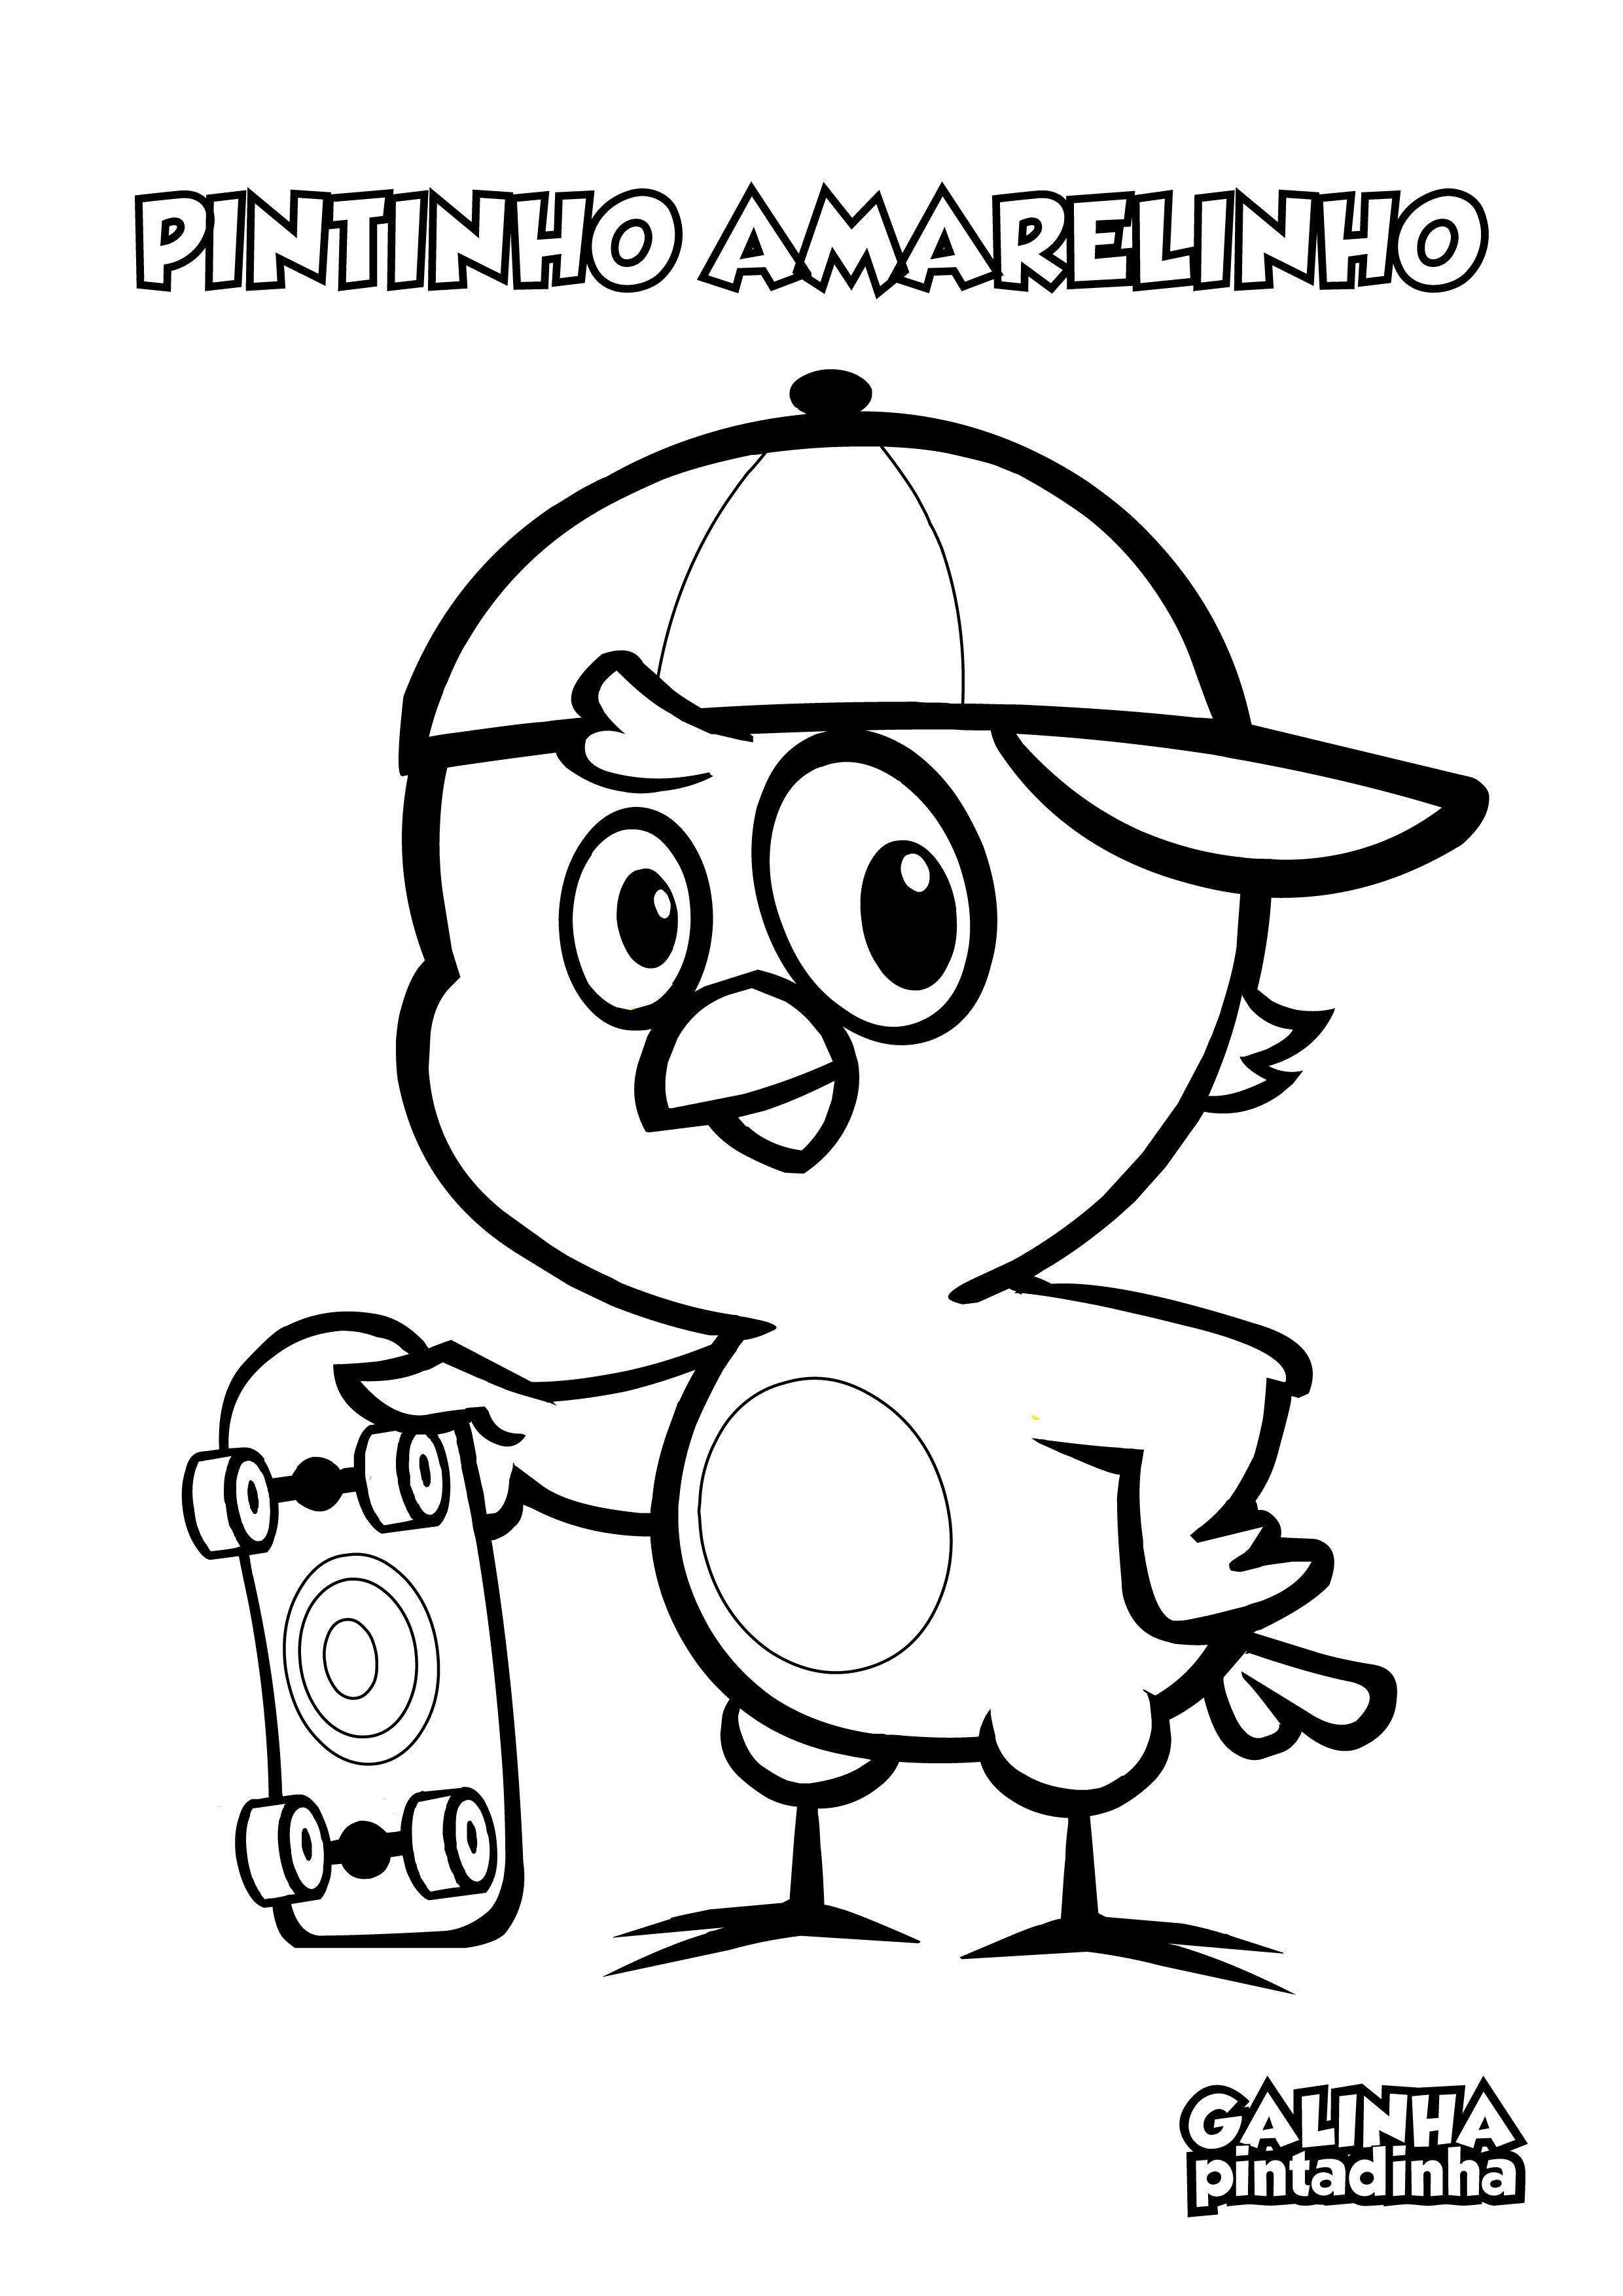 Colorindo desenhos com de personagens é mais divertido (Foto: Divulgação)